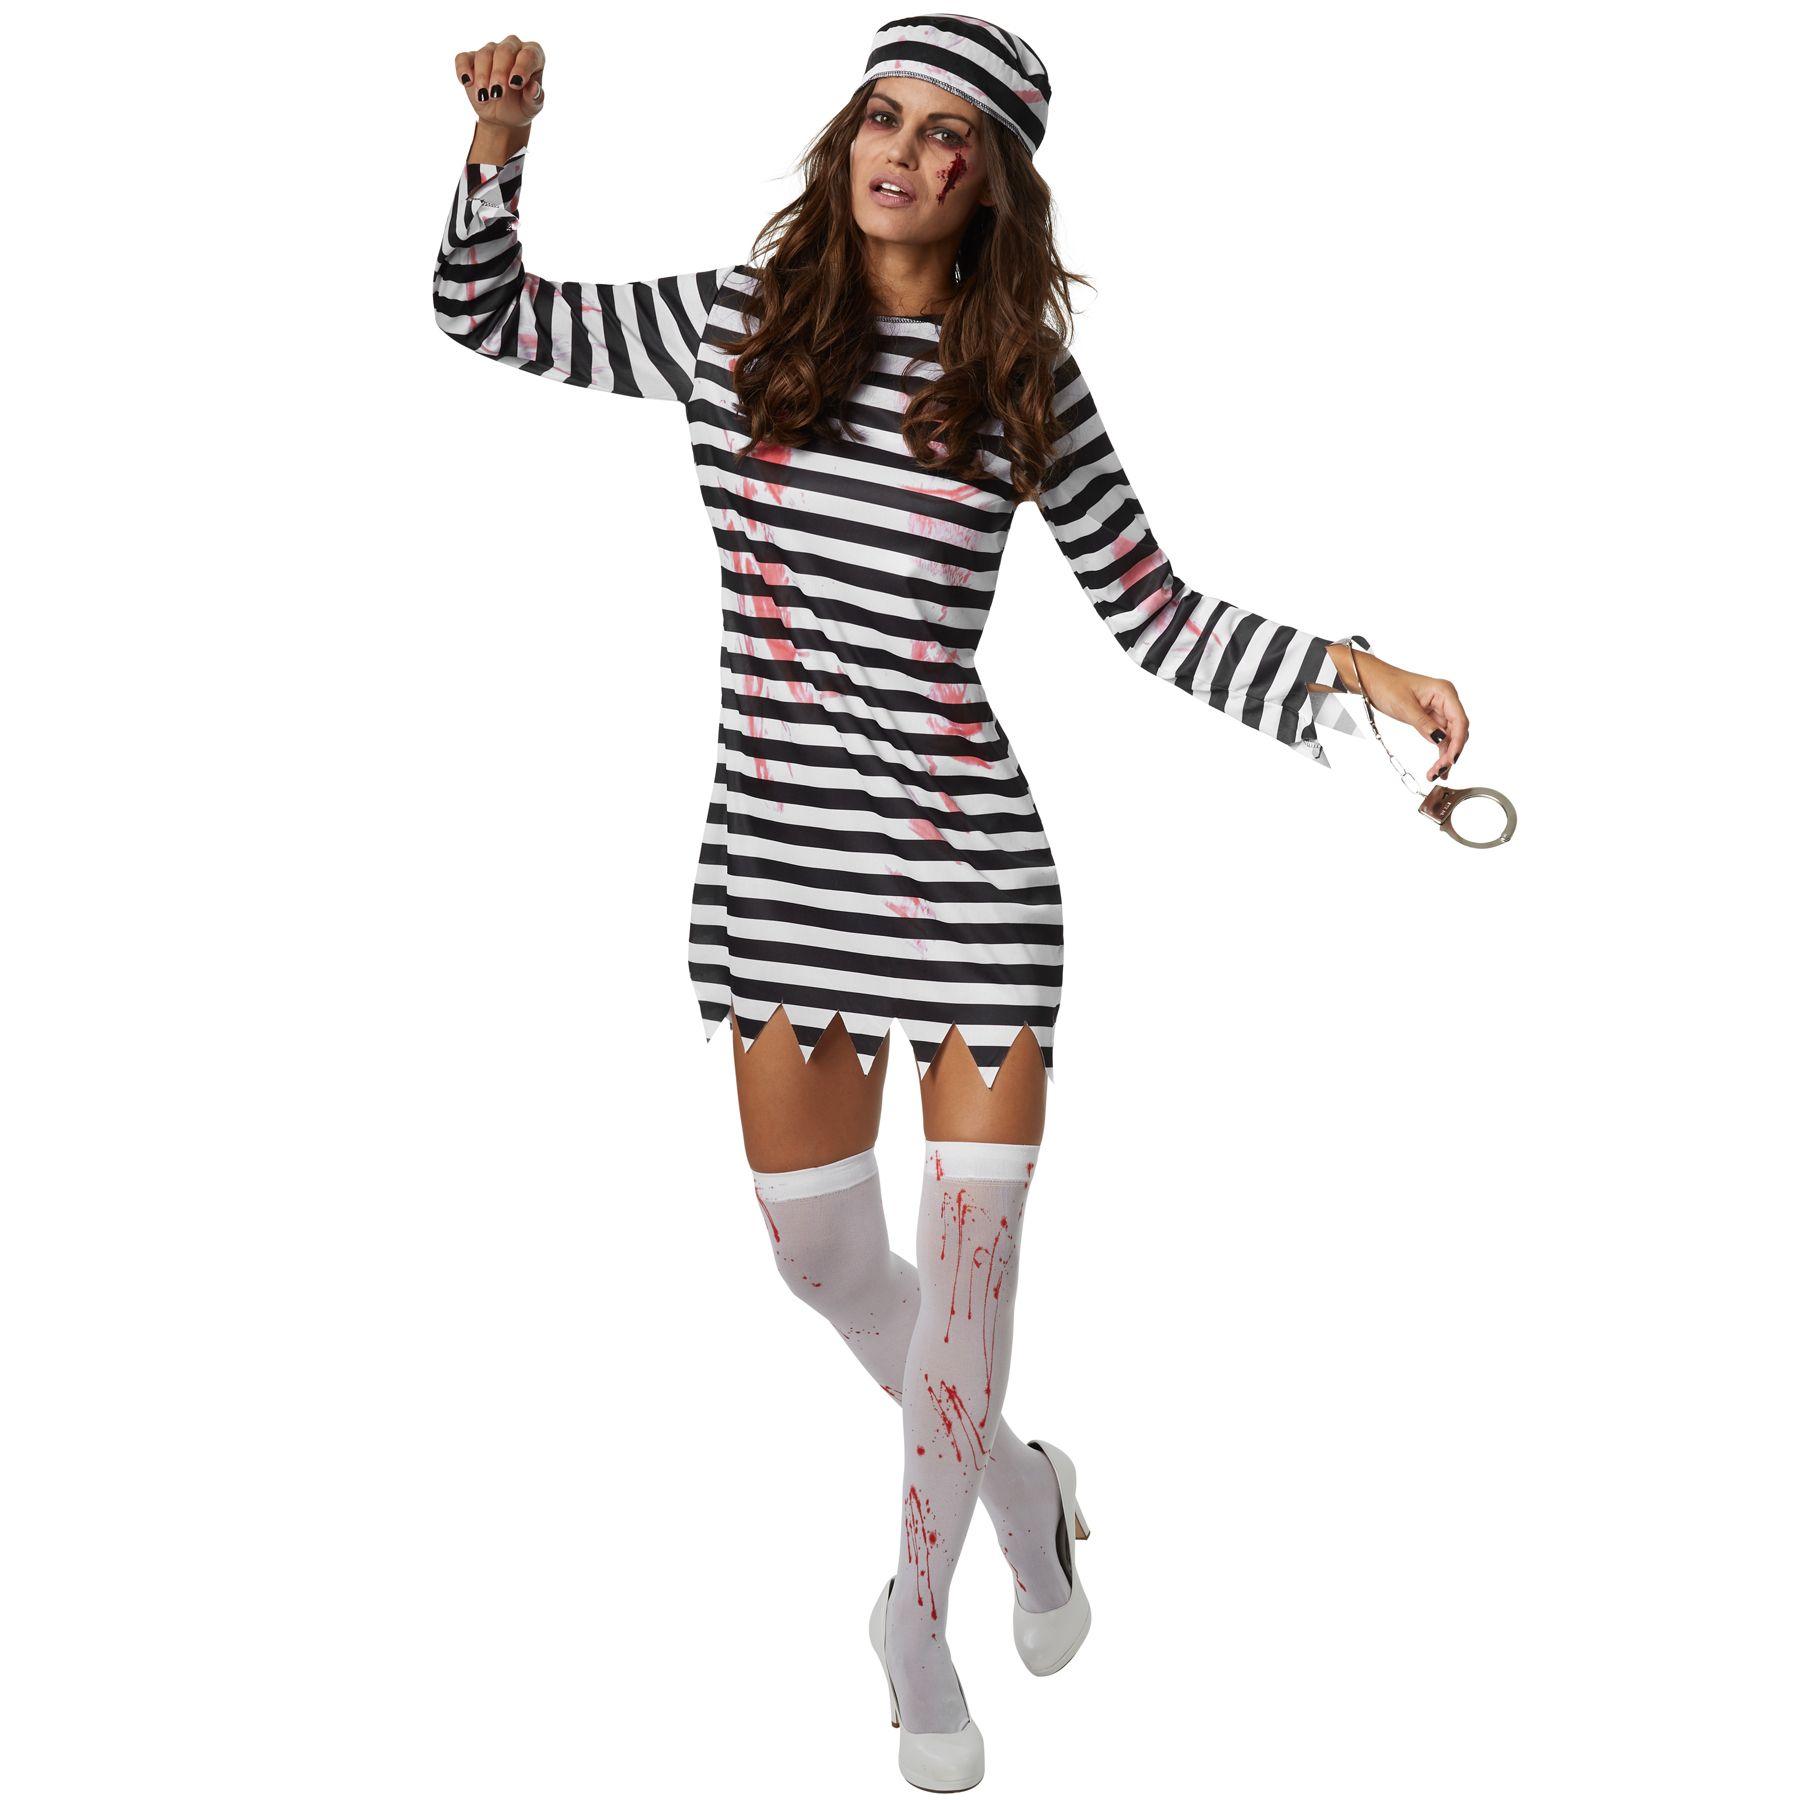 rapporto qualità-prezzo acquista per il meglio immagini ufficiali Dettagli su Costume Donna Zombie Carcerata Prigioniero Galeotto Vestito  Carnevale Halloween